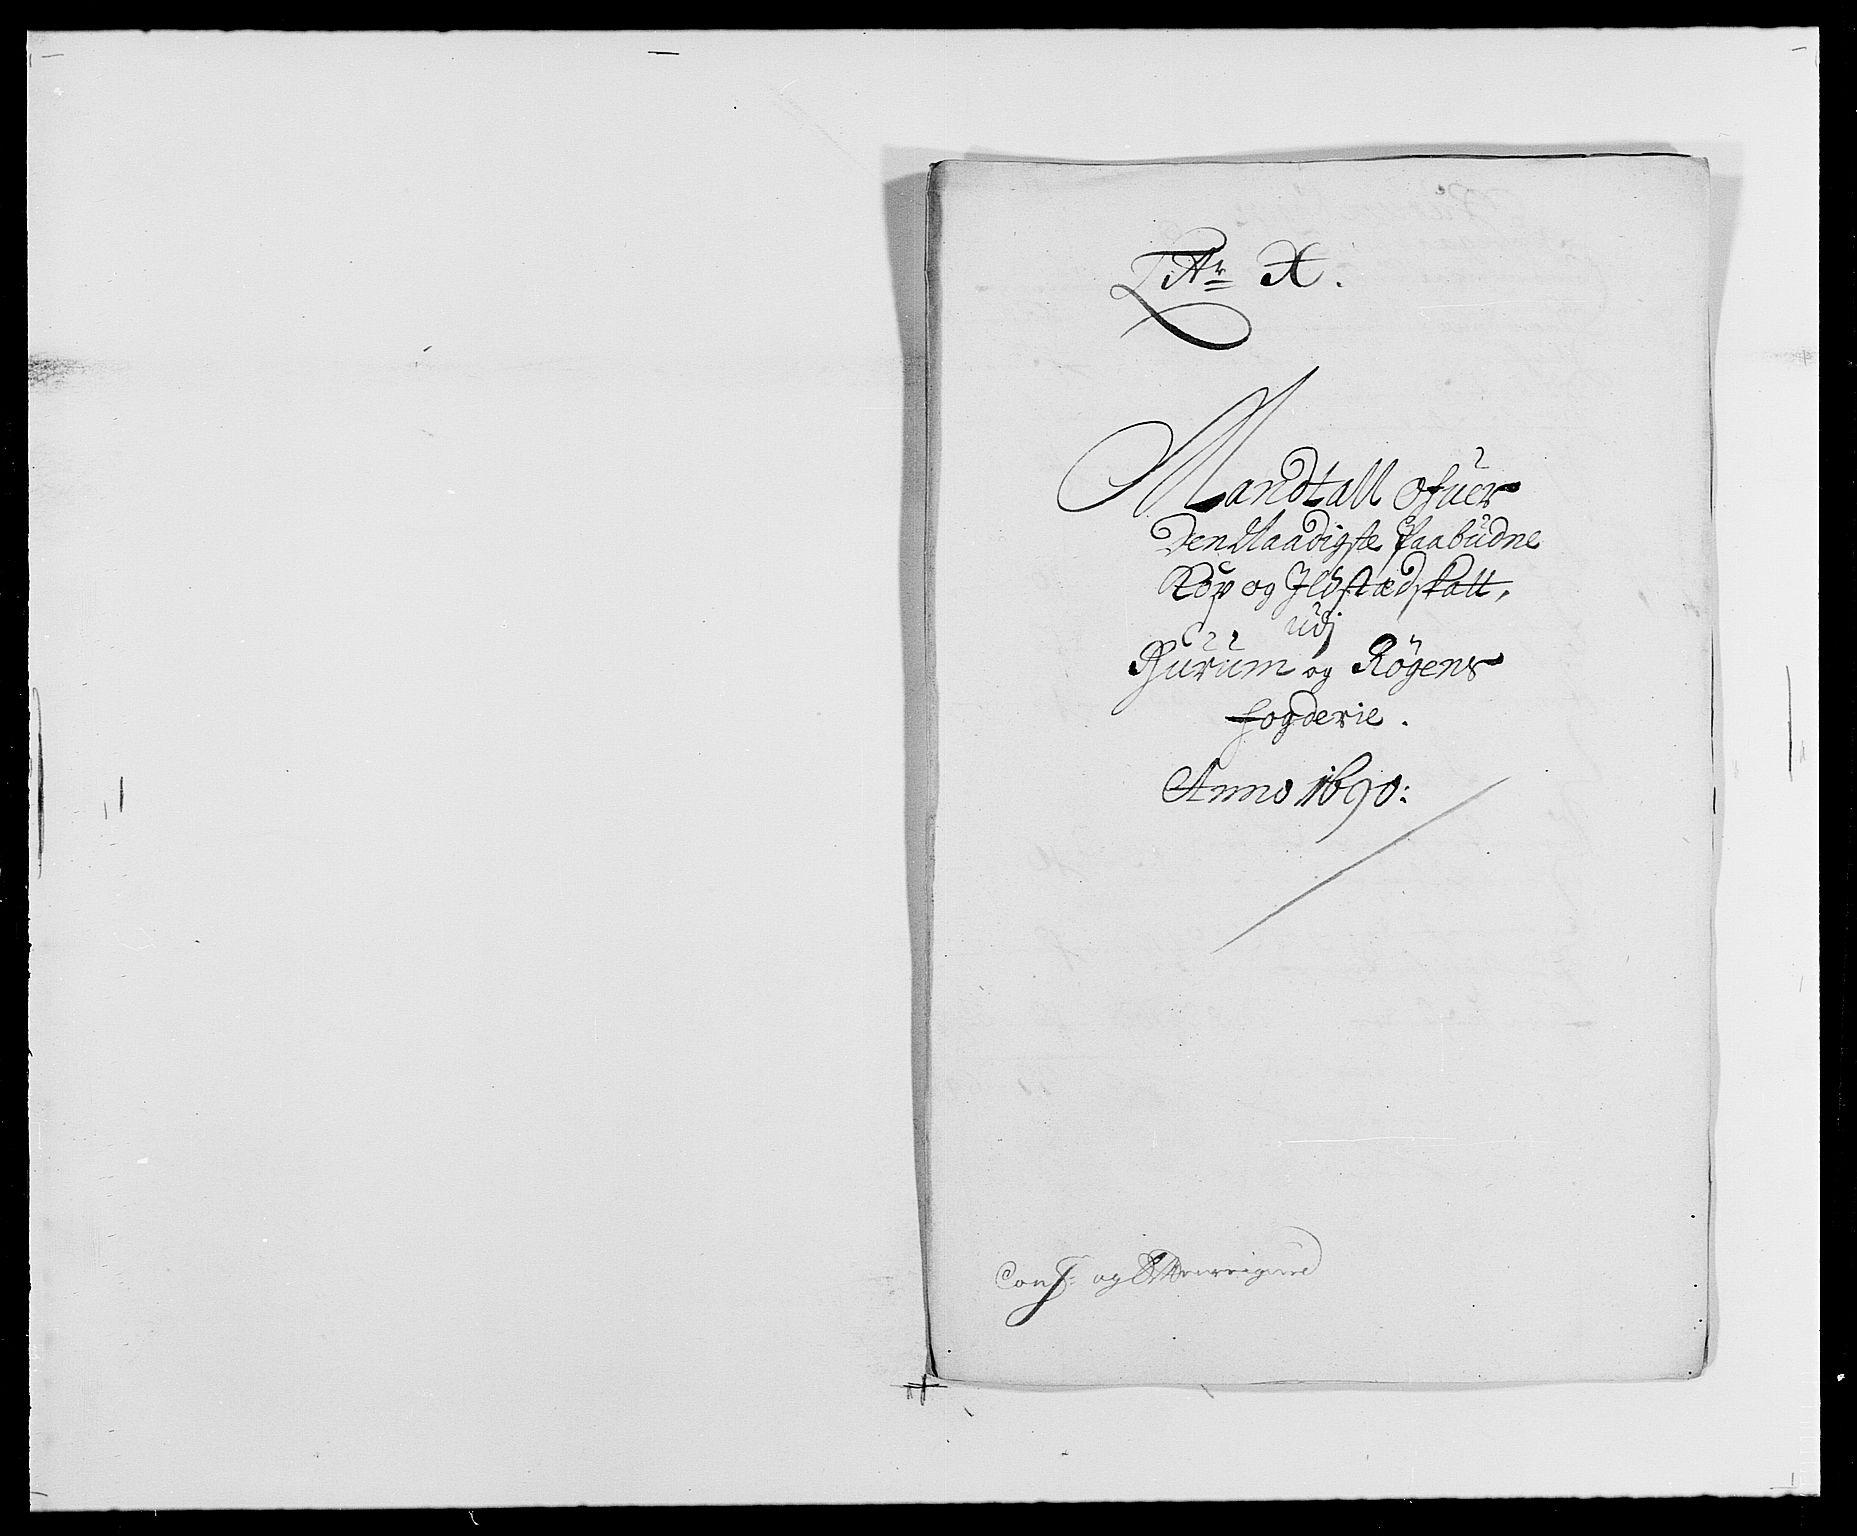 RA, Rentekammeret inntil 1814, Reviderte regnskaper, Fogderegnskap, R29/L1693: Fogderegnskap Hurum og Røyken, 1688-1693, s. 179